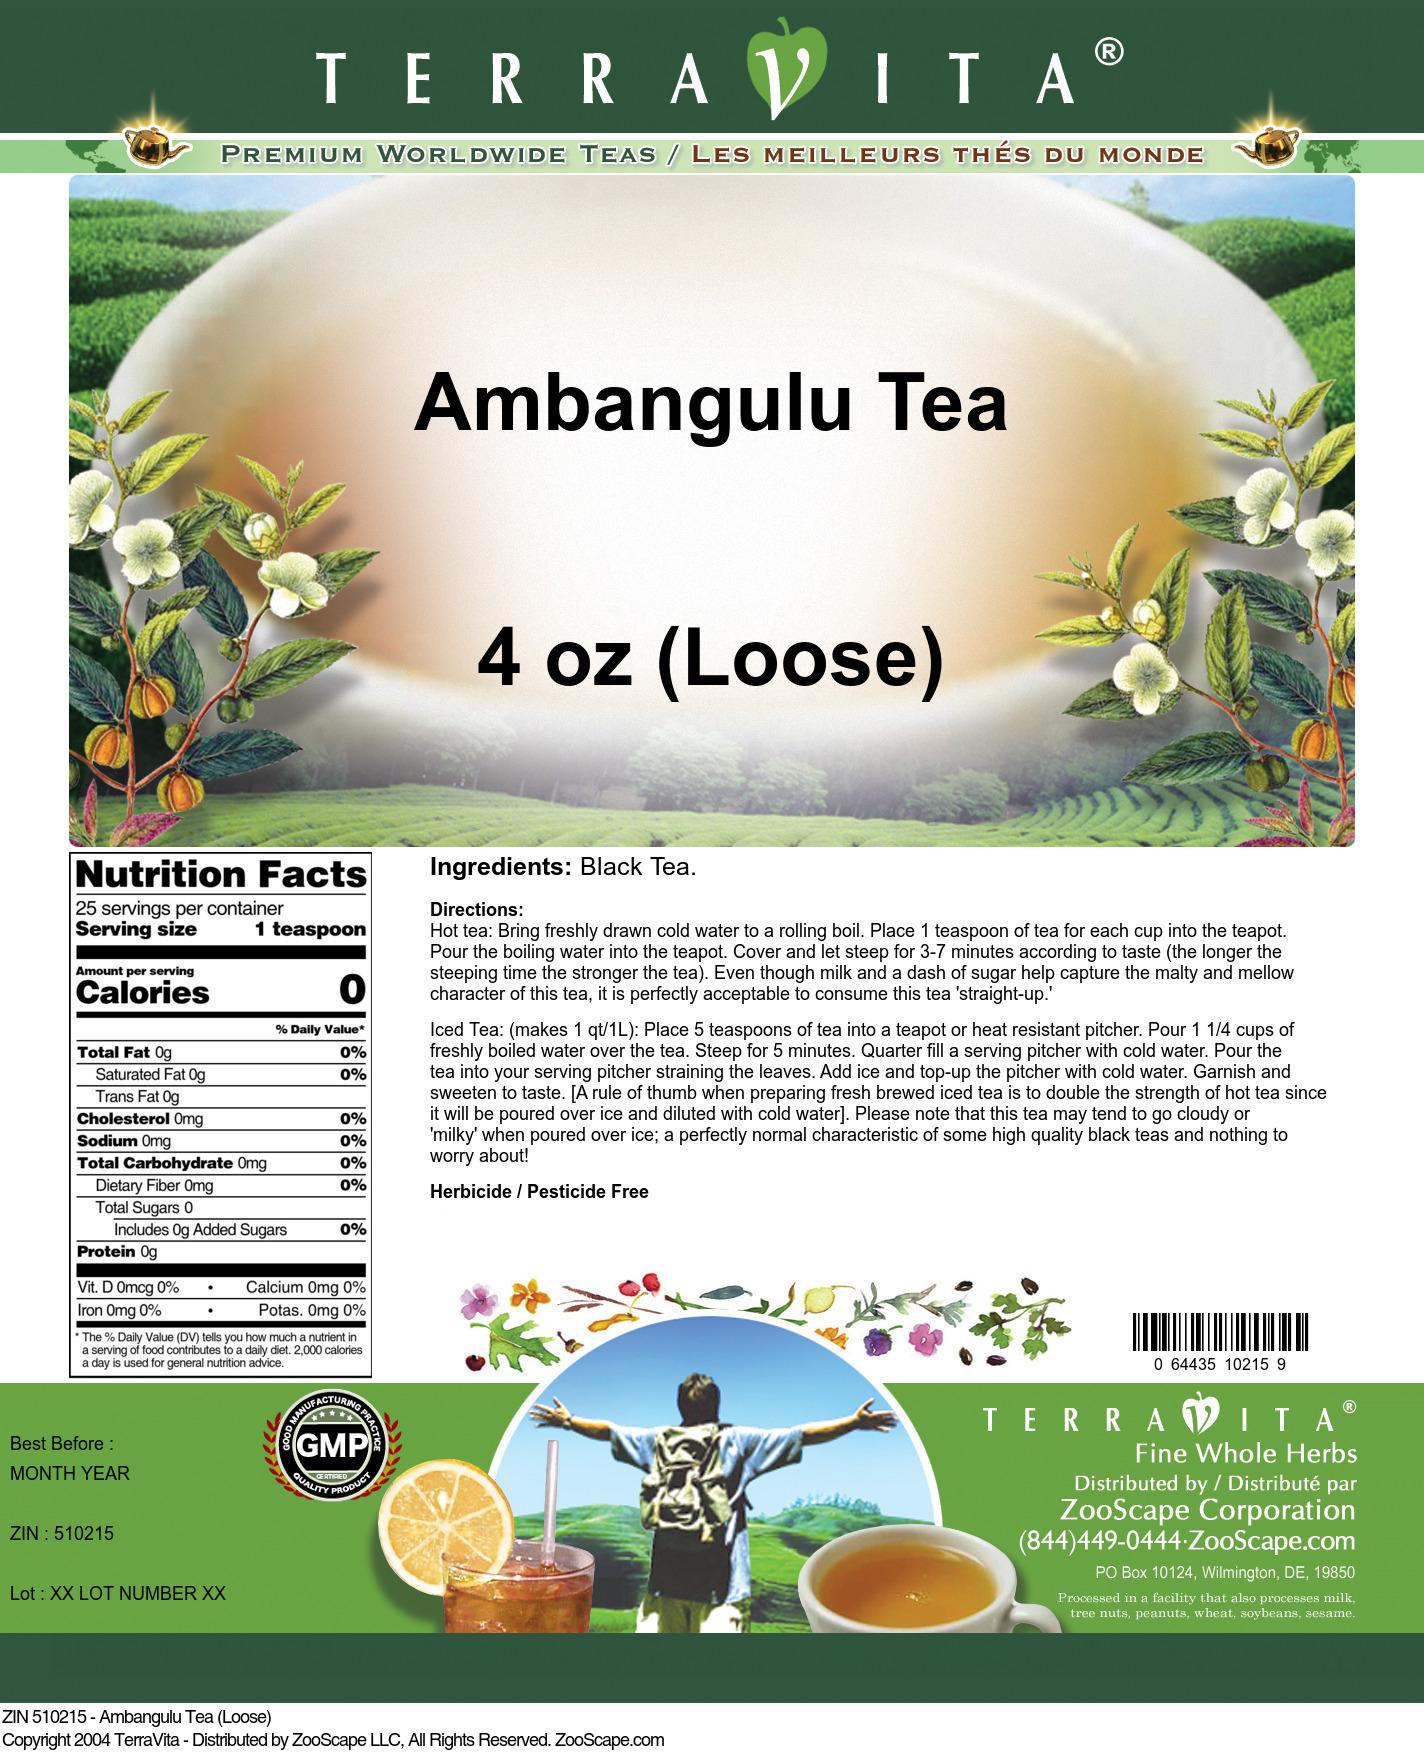 Ambangulu Tea (Loose)